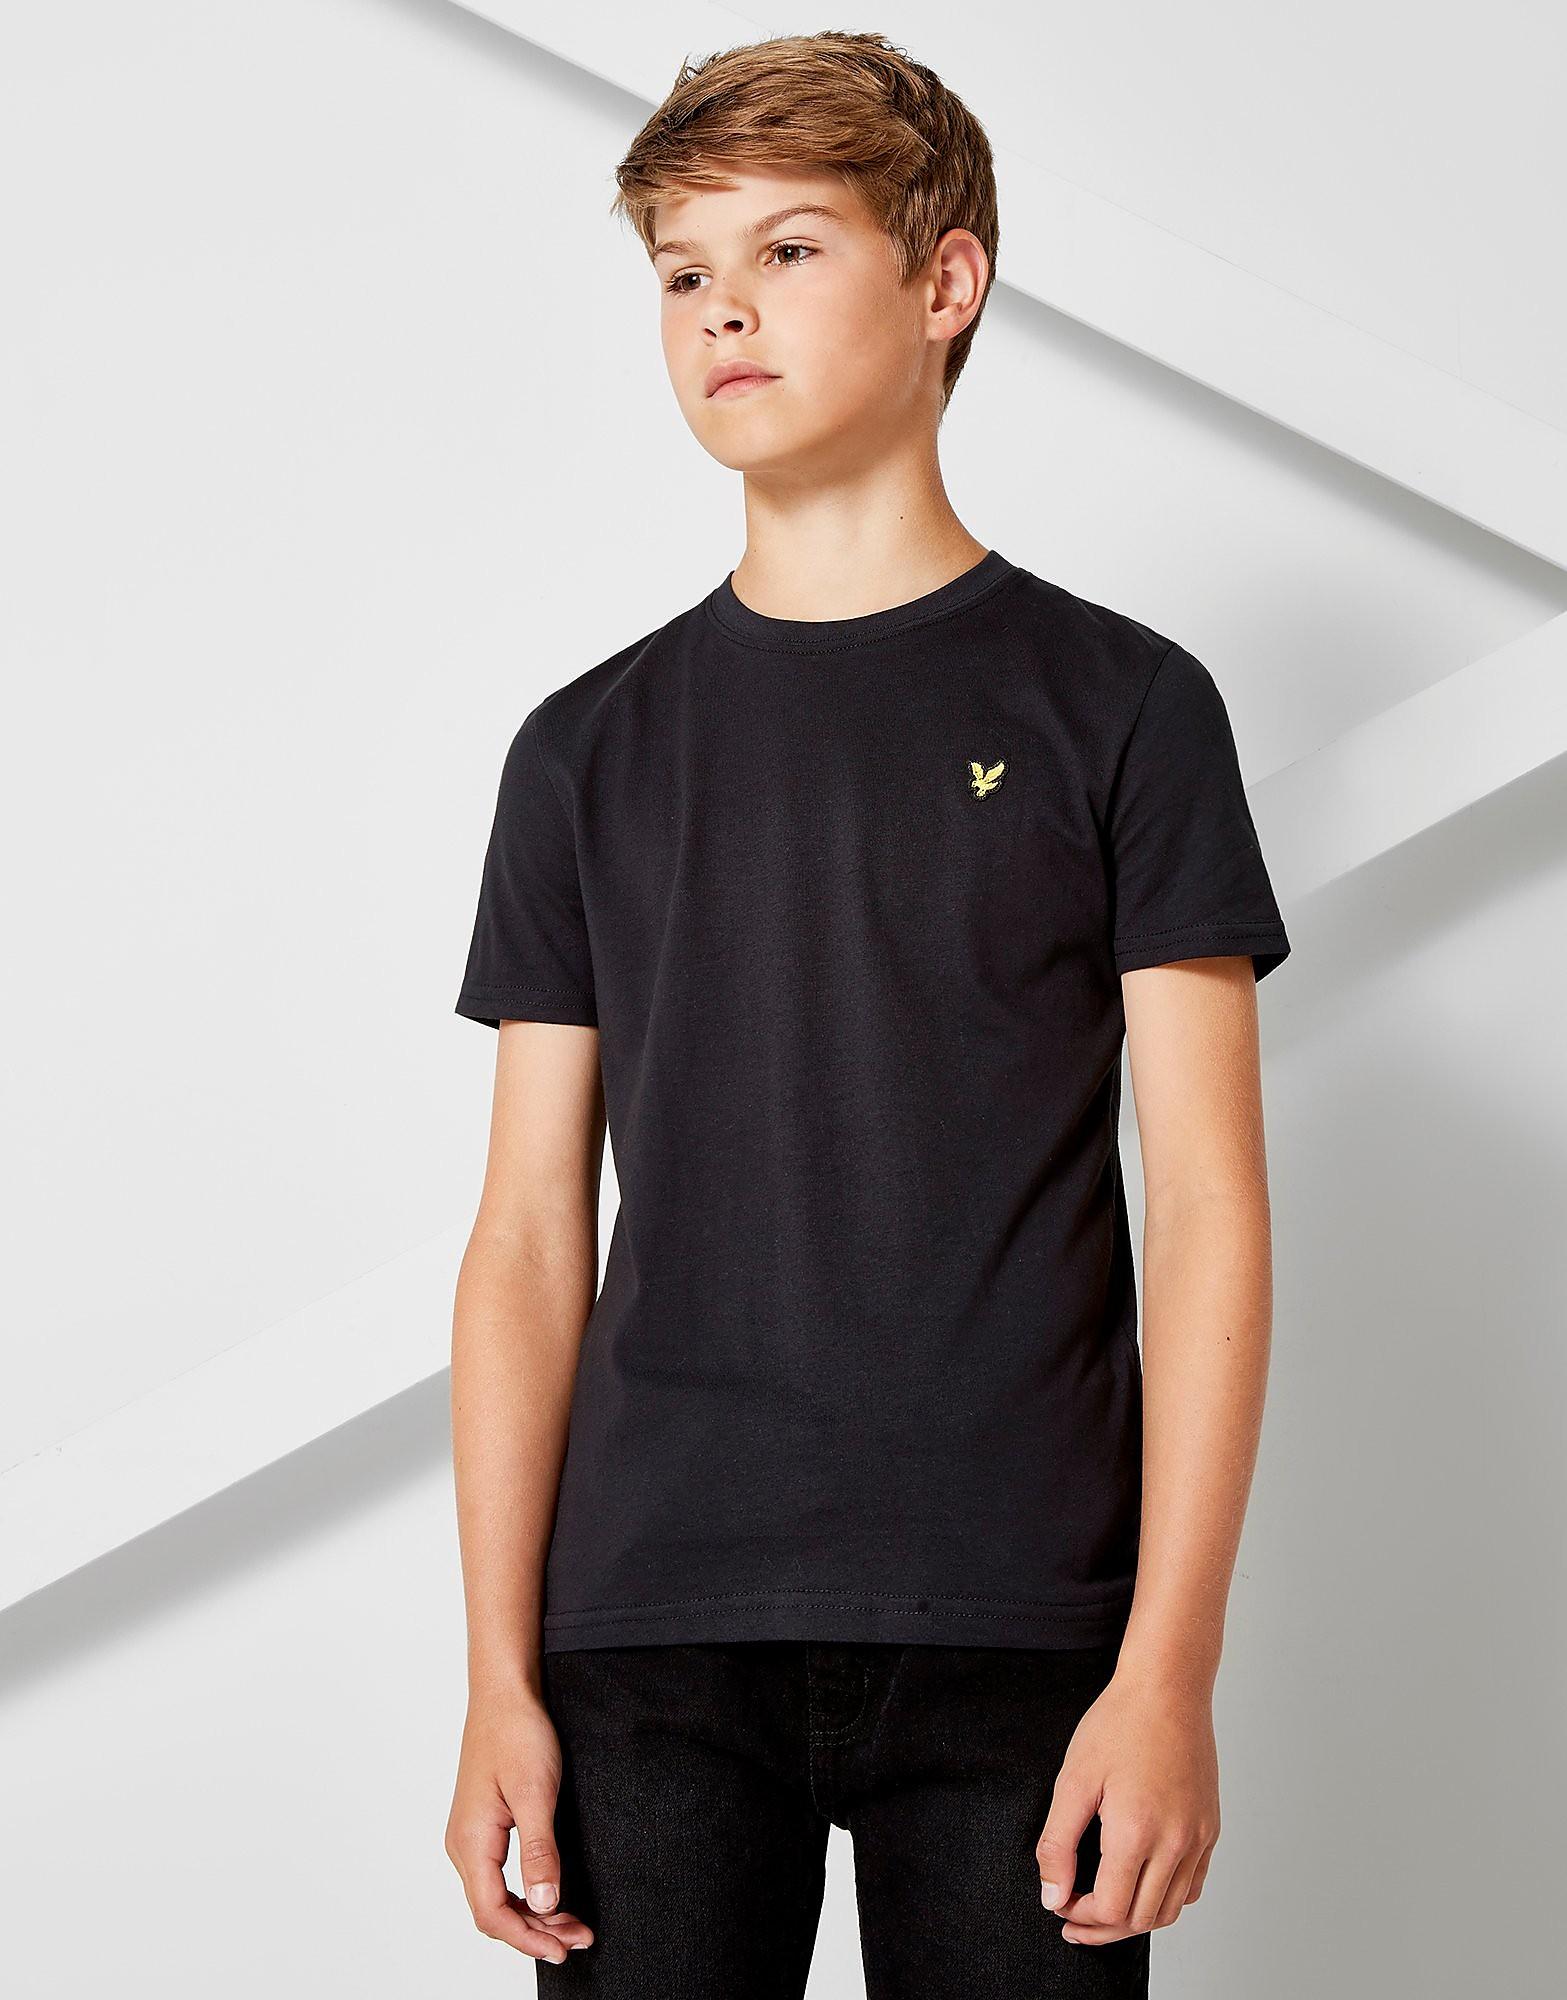 Lyle & Scott Short Sleeve Logo T-Shirt Junior - Zwart - Kind